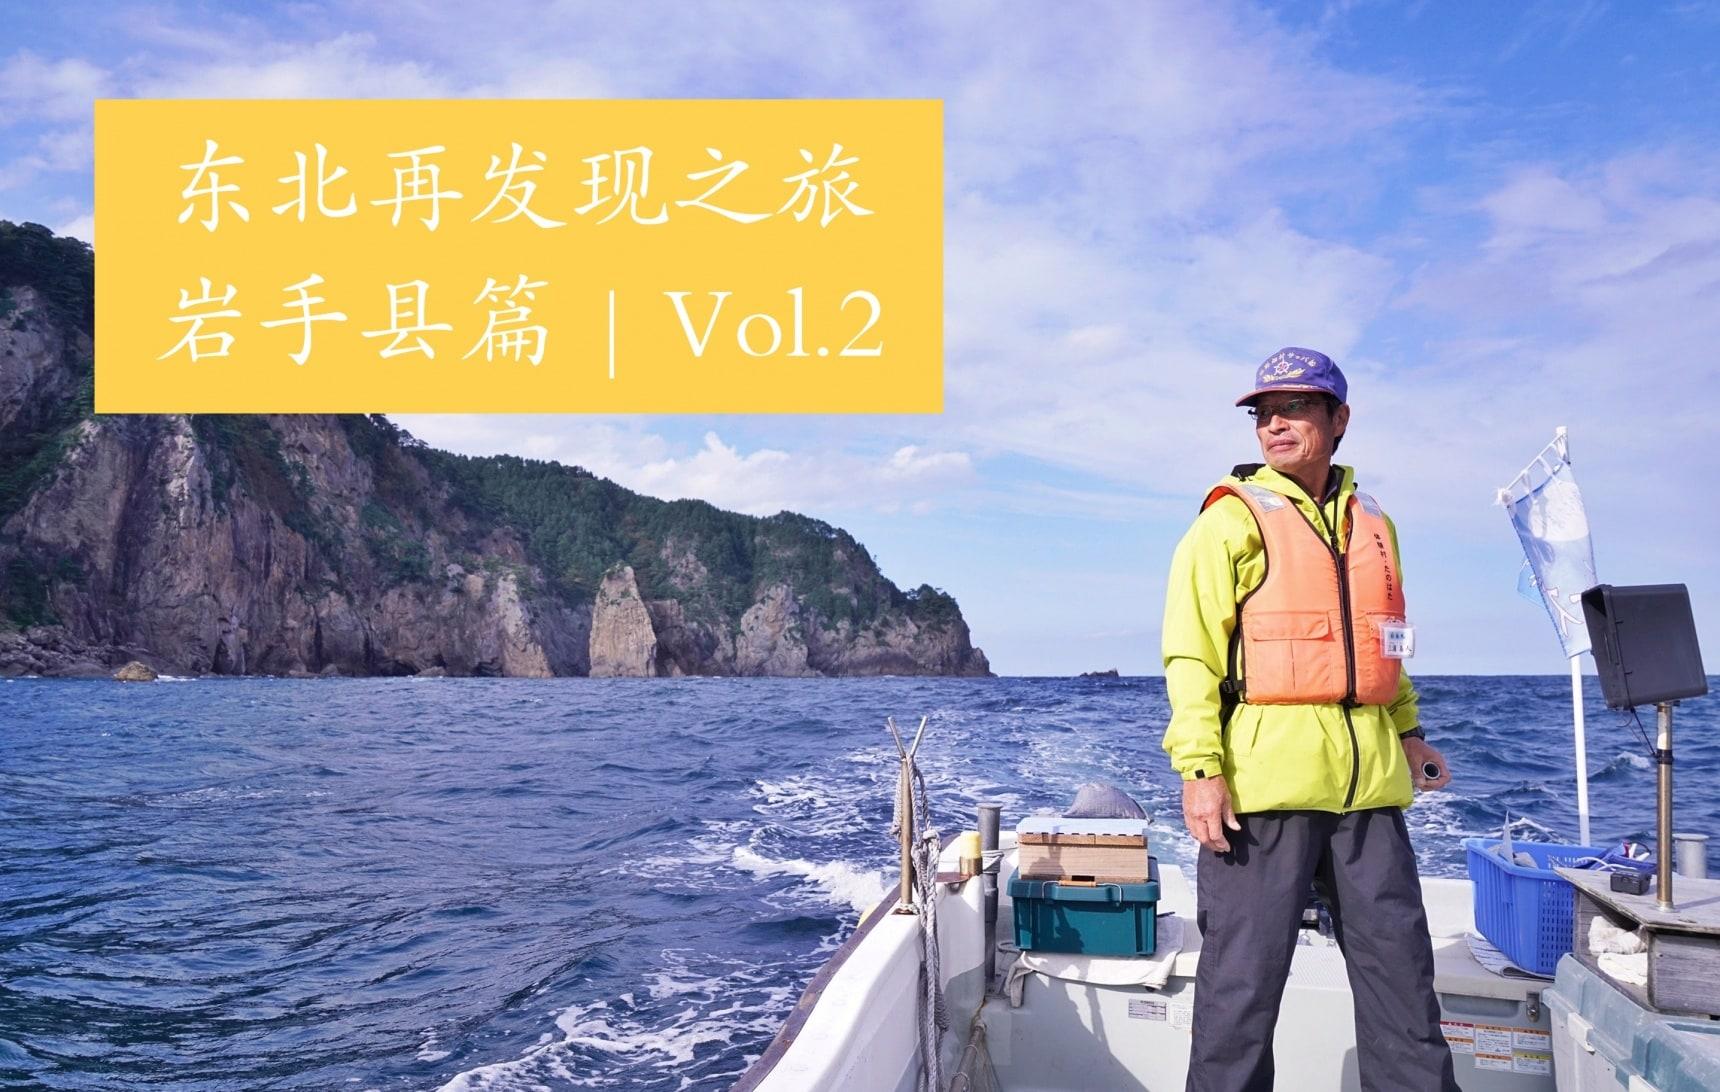 岩手县:古韵与海风并存,这里有东北地区最原始纯净的日本风情(下)